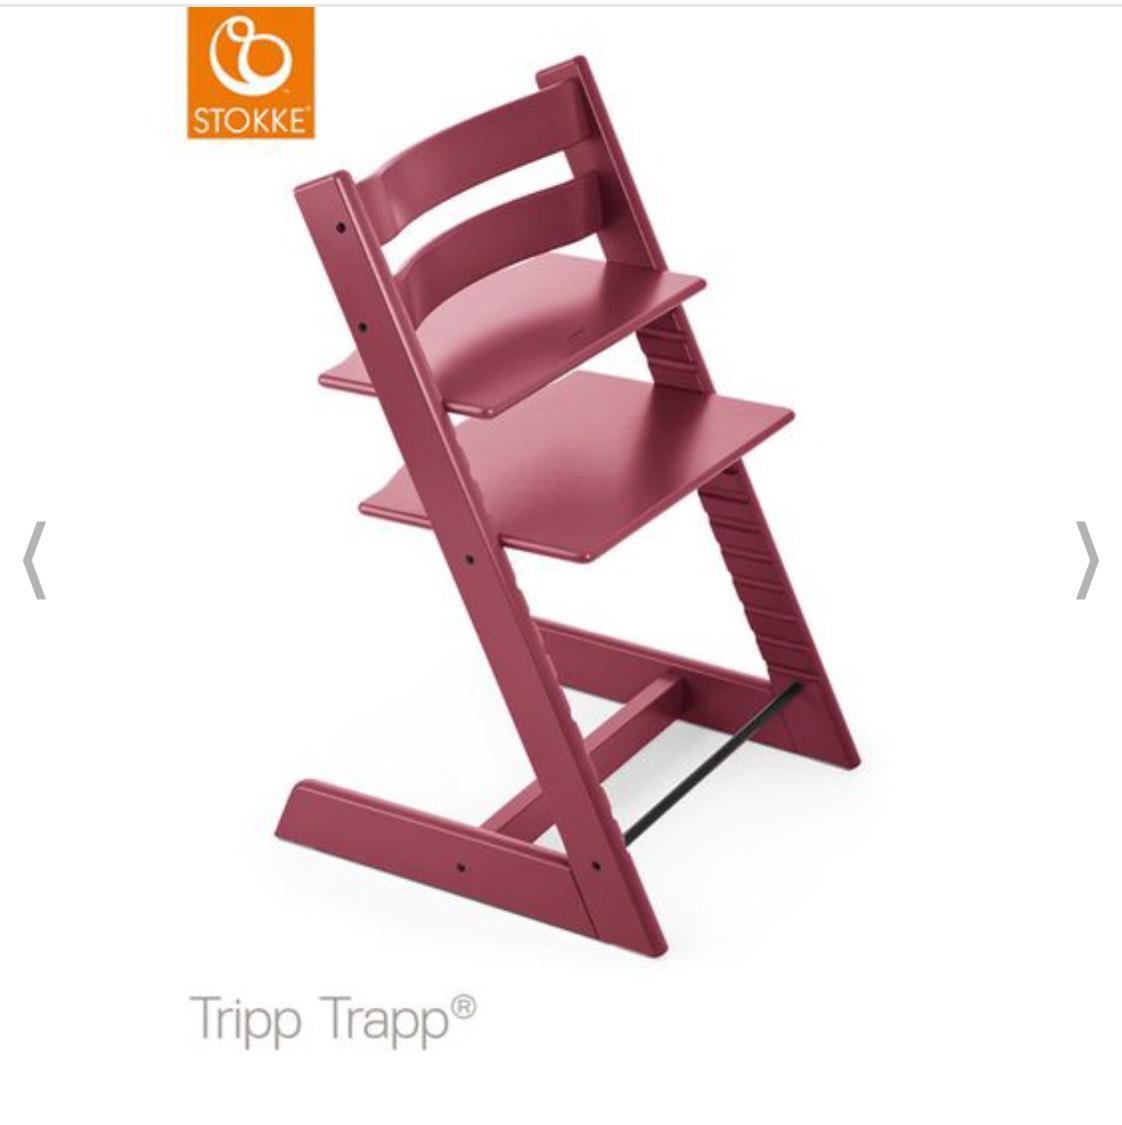 Stokke Tripp Trapp Hochstuhl -  mit Punktesammeln mehr Rabatt als angegeben möglich